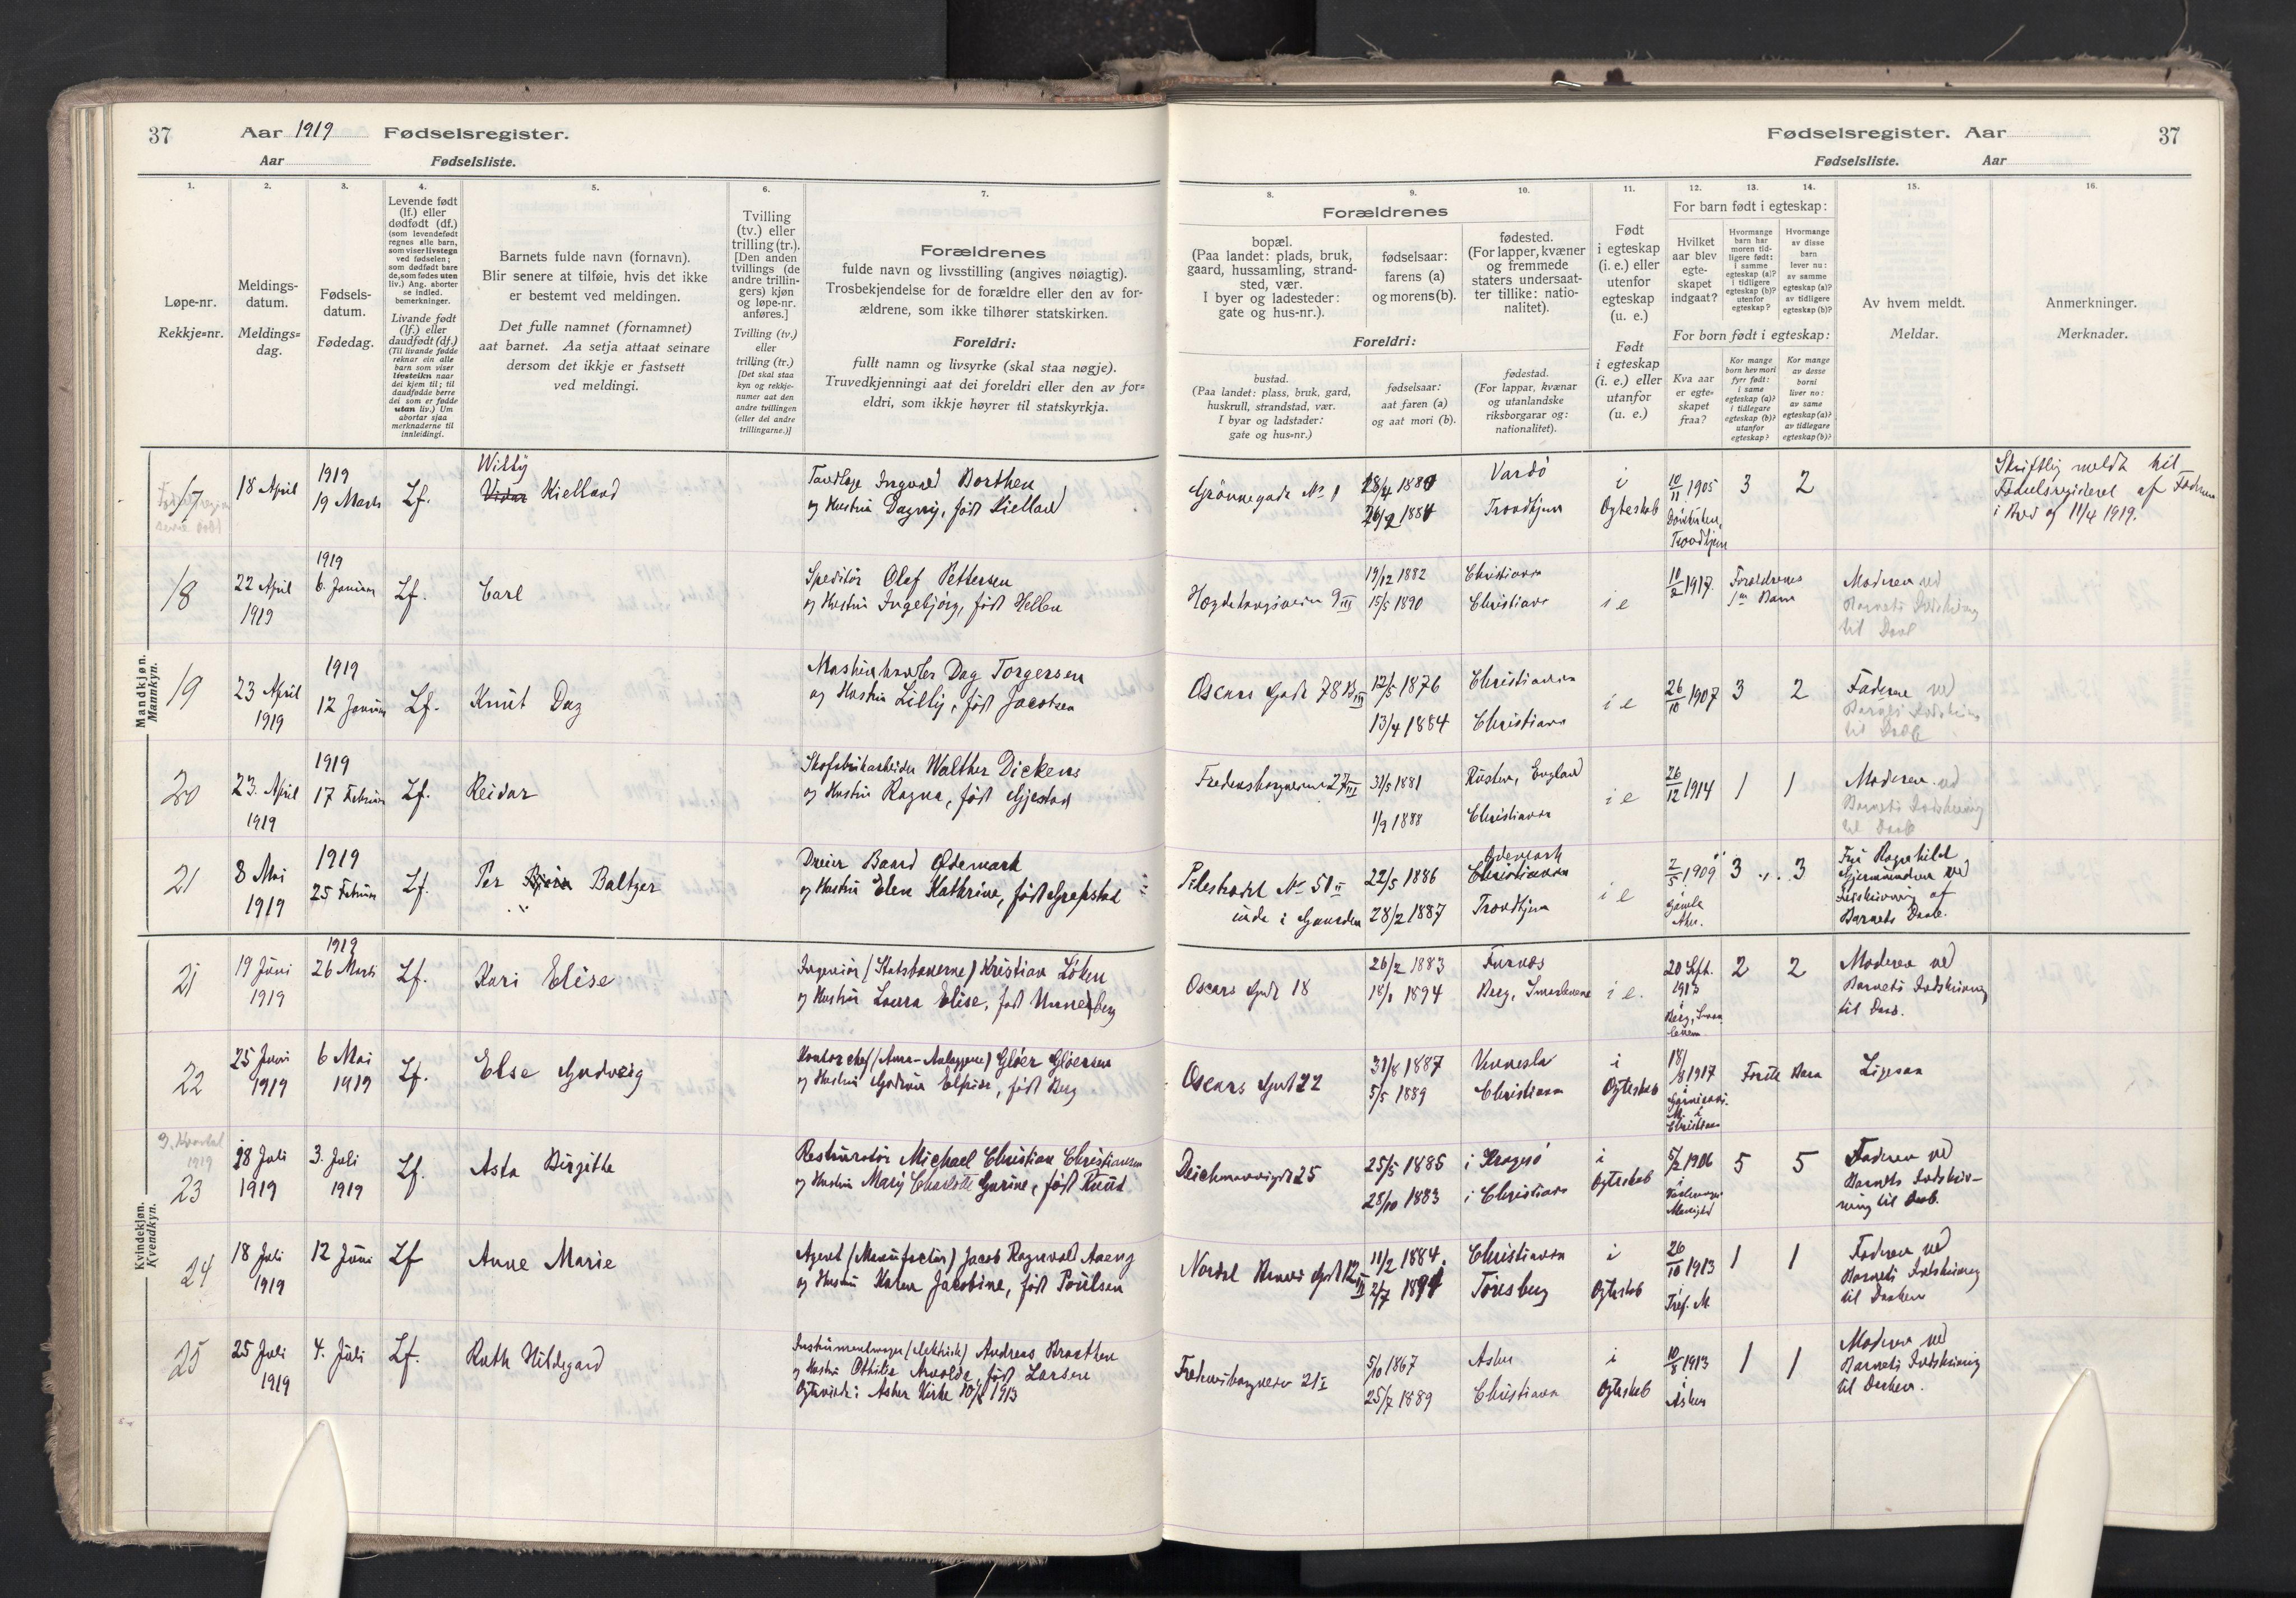 SAO, Trefoldighet prestekontor Kirkebøker, J/Ja/L0001: Birth register no. 1, 1916-1931, p. 37